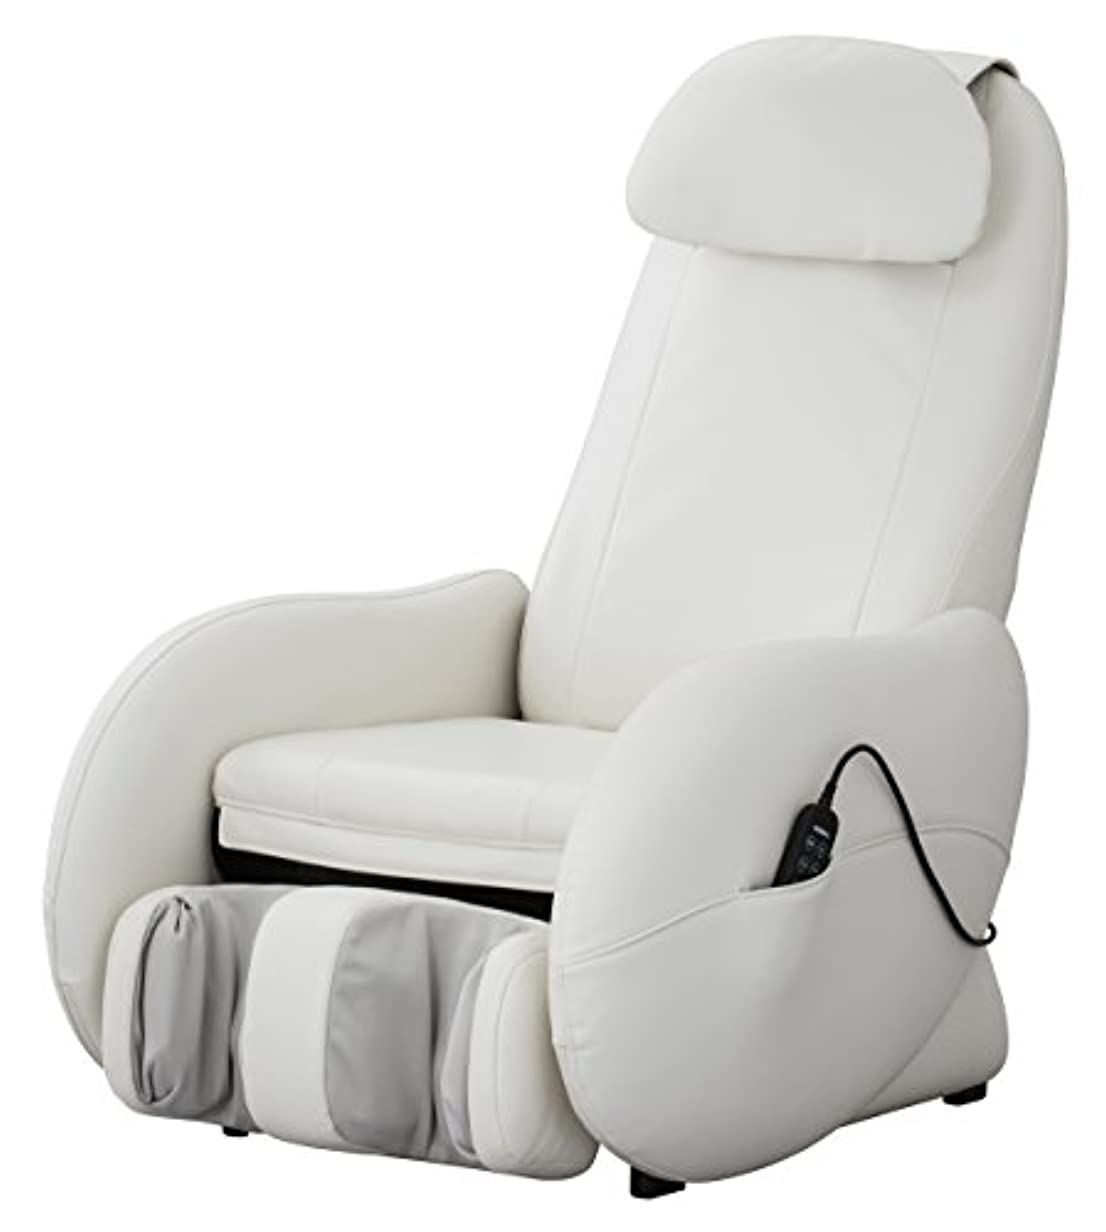 好ましい監督するフィードオンスライヴ くつろぎ指定席Light マッサージチェア CHD-3500-WH ホワイト 正規品 おしゃれ コンパクト 小型